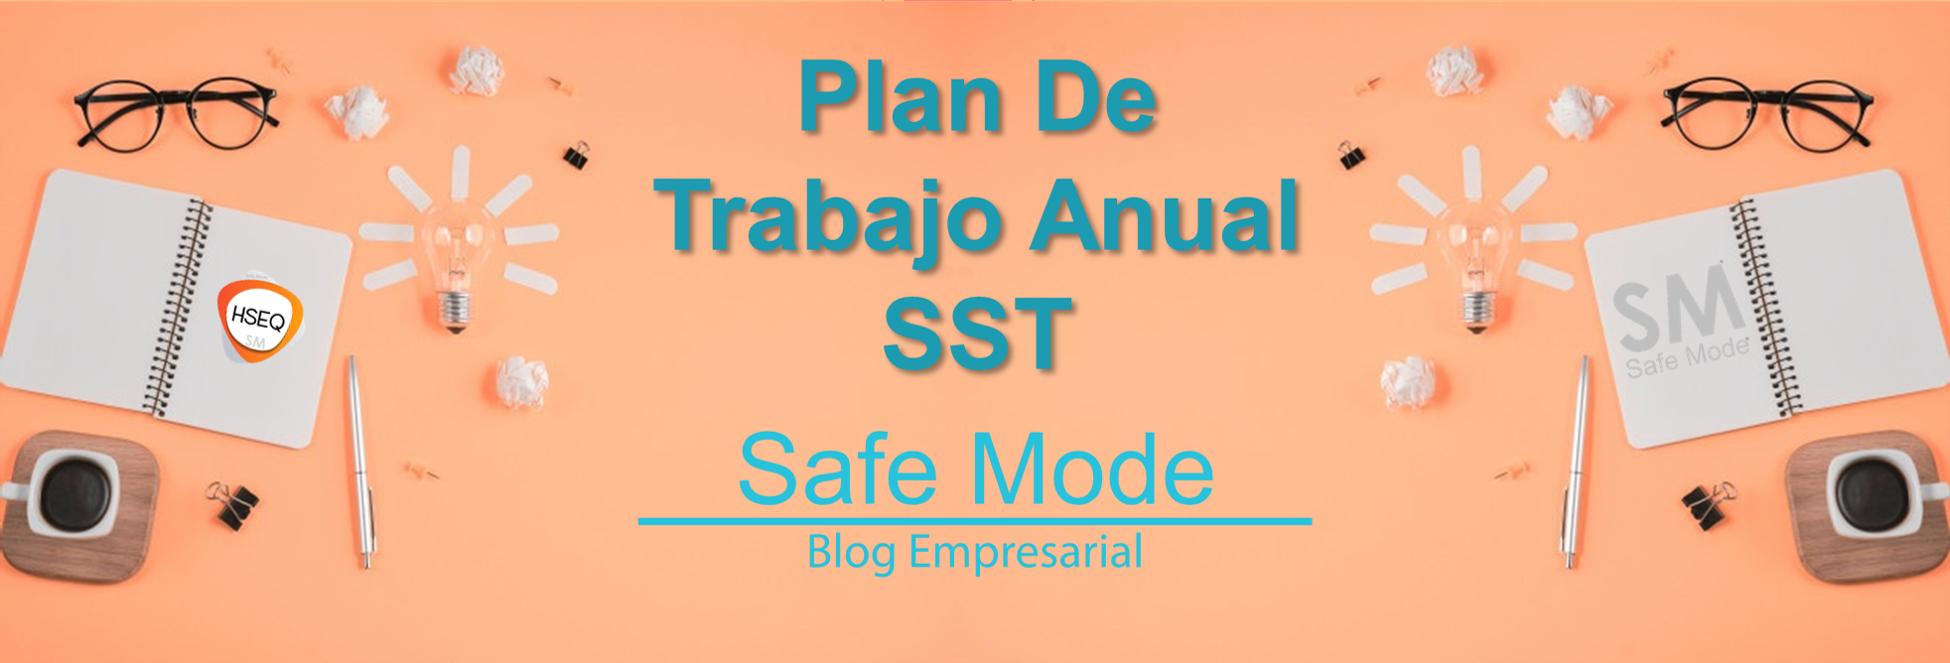 Todo sobre el plan de trabajo SST